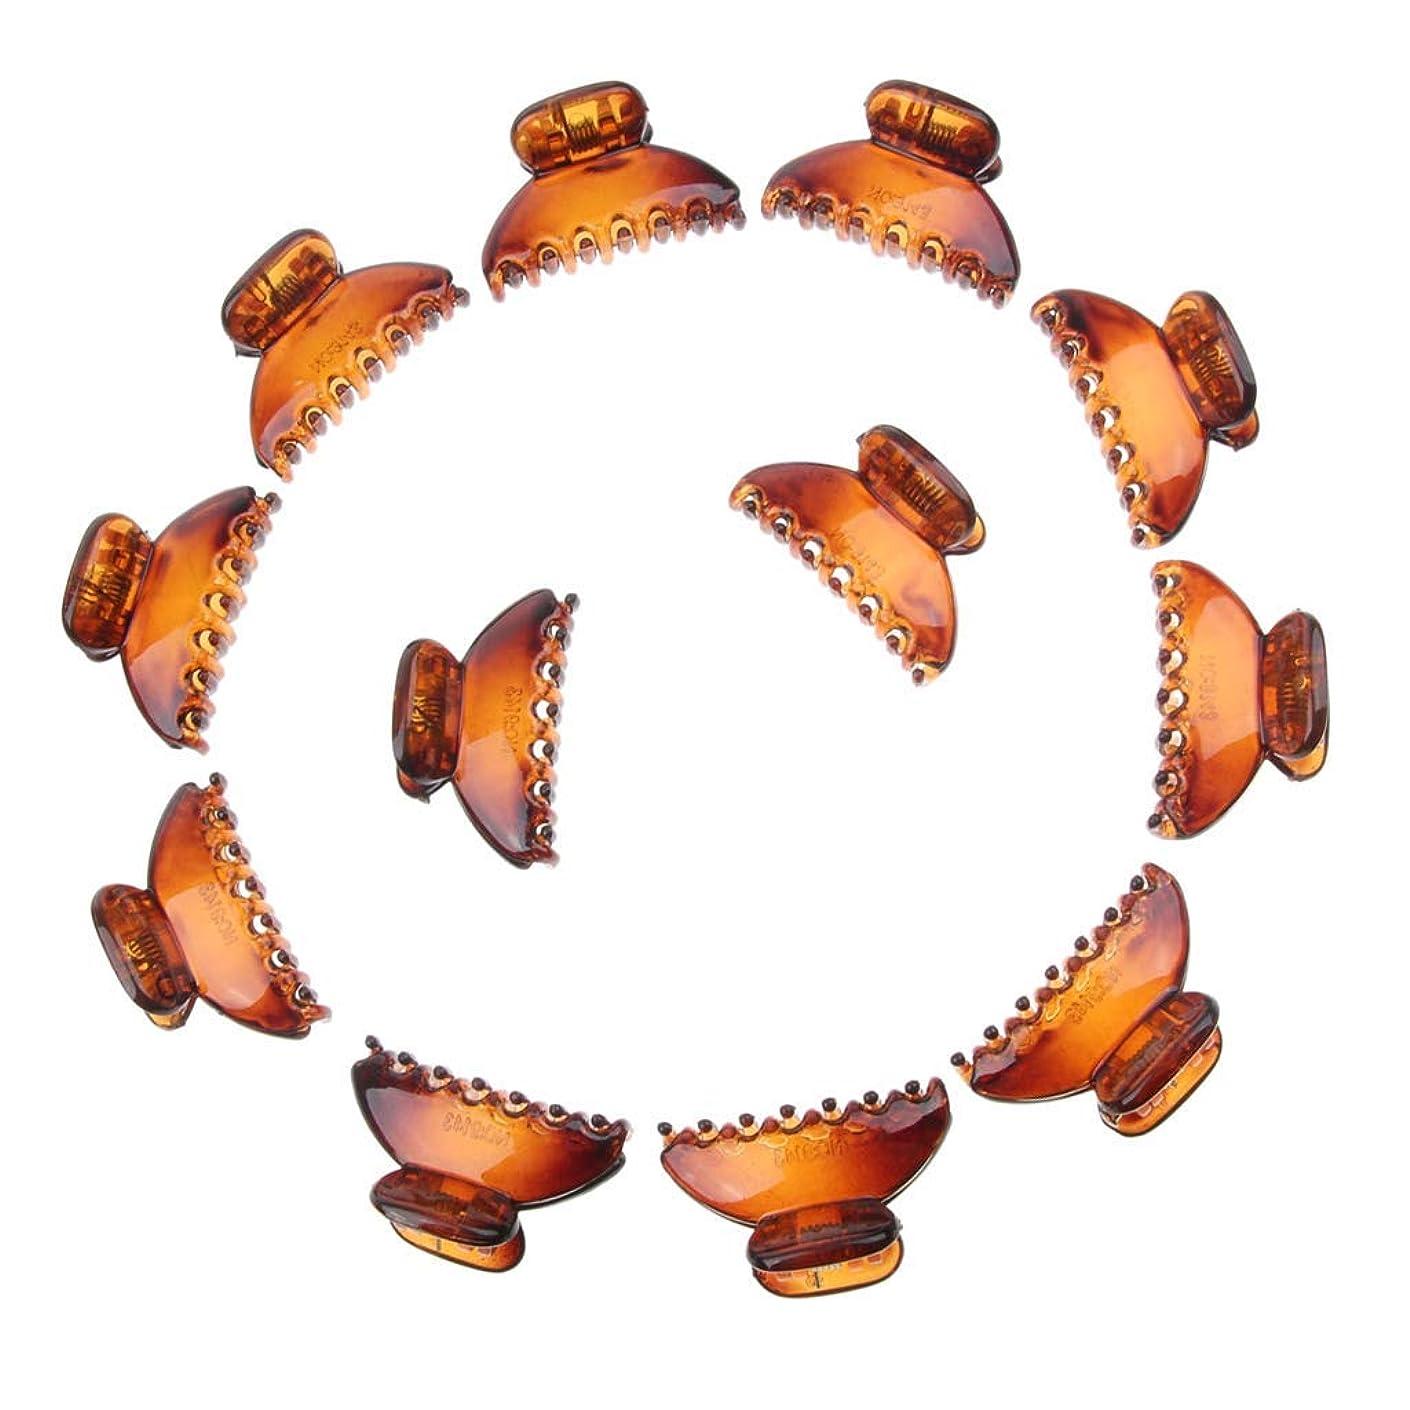 一詳細な万歳LUOSAI レディースアクリルミニ小型ブルドッグヘアクリップ爪クランプヘアアクセサリー - 12個入りのブラウンパック